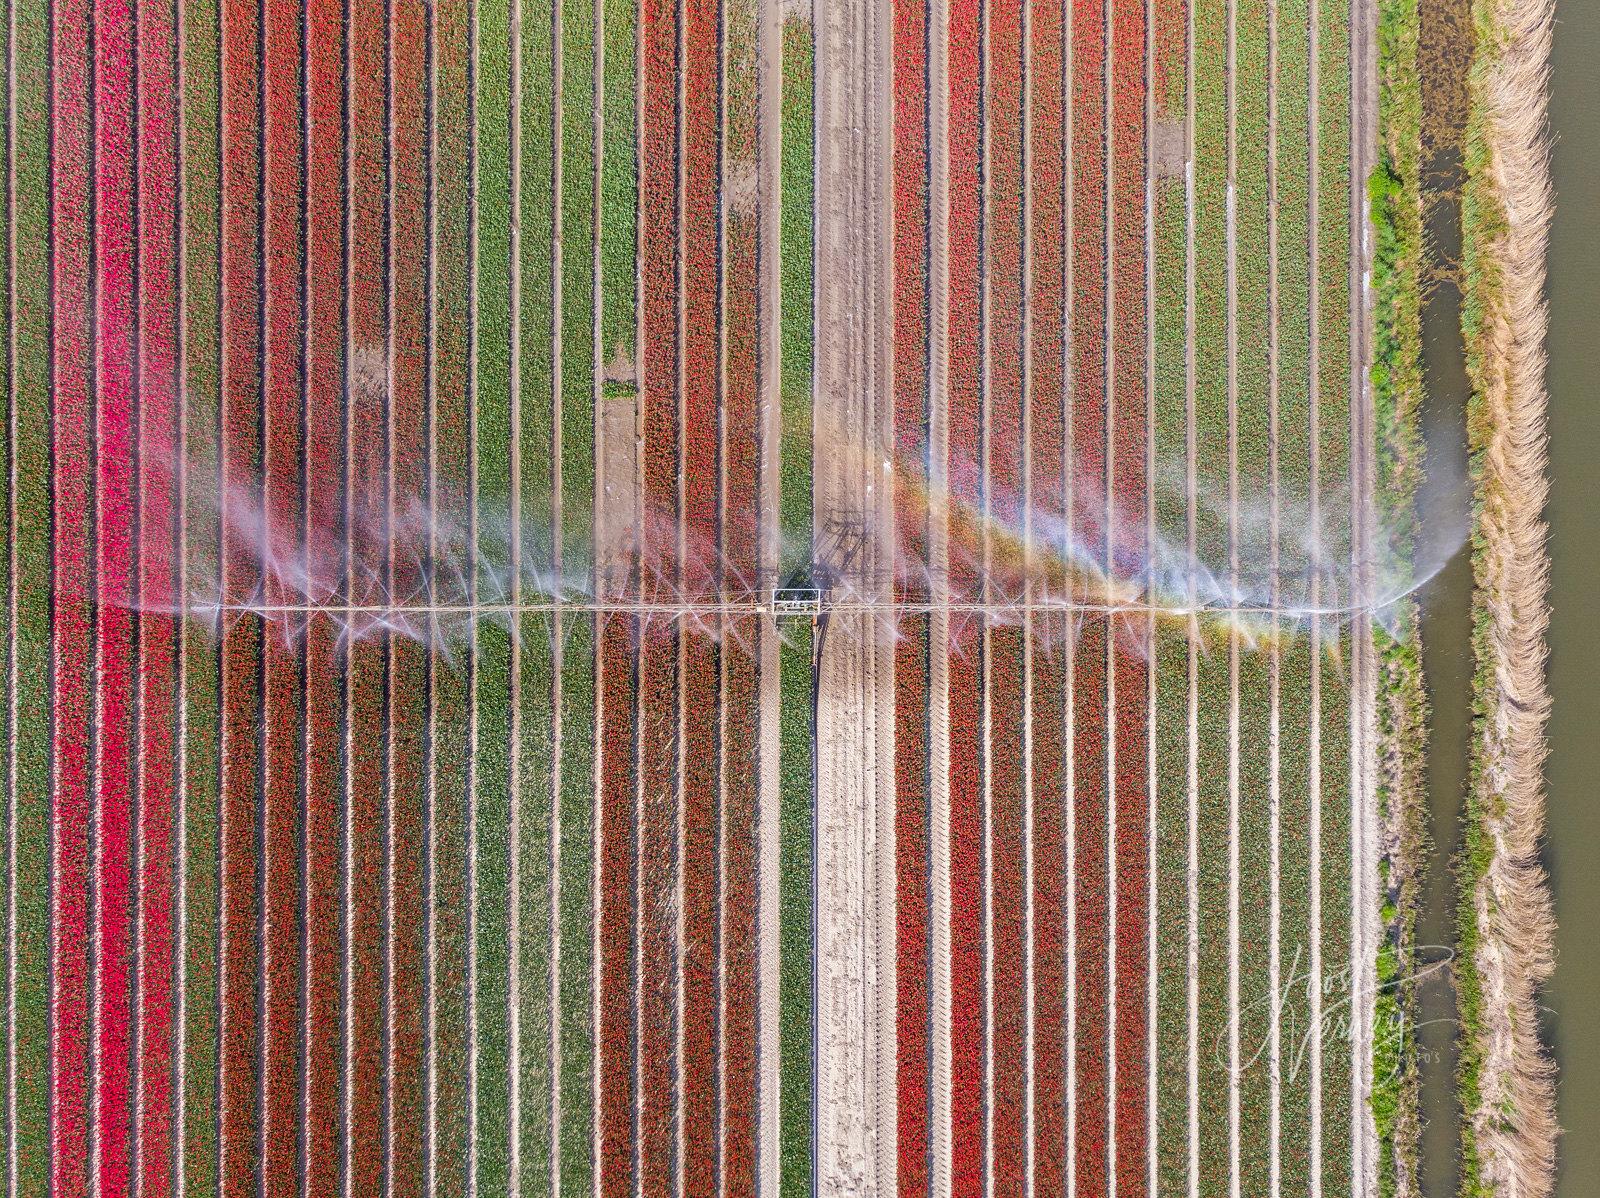 Watering tulip fields